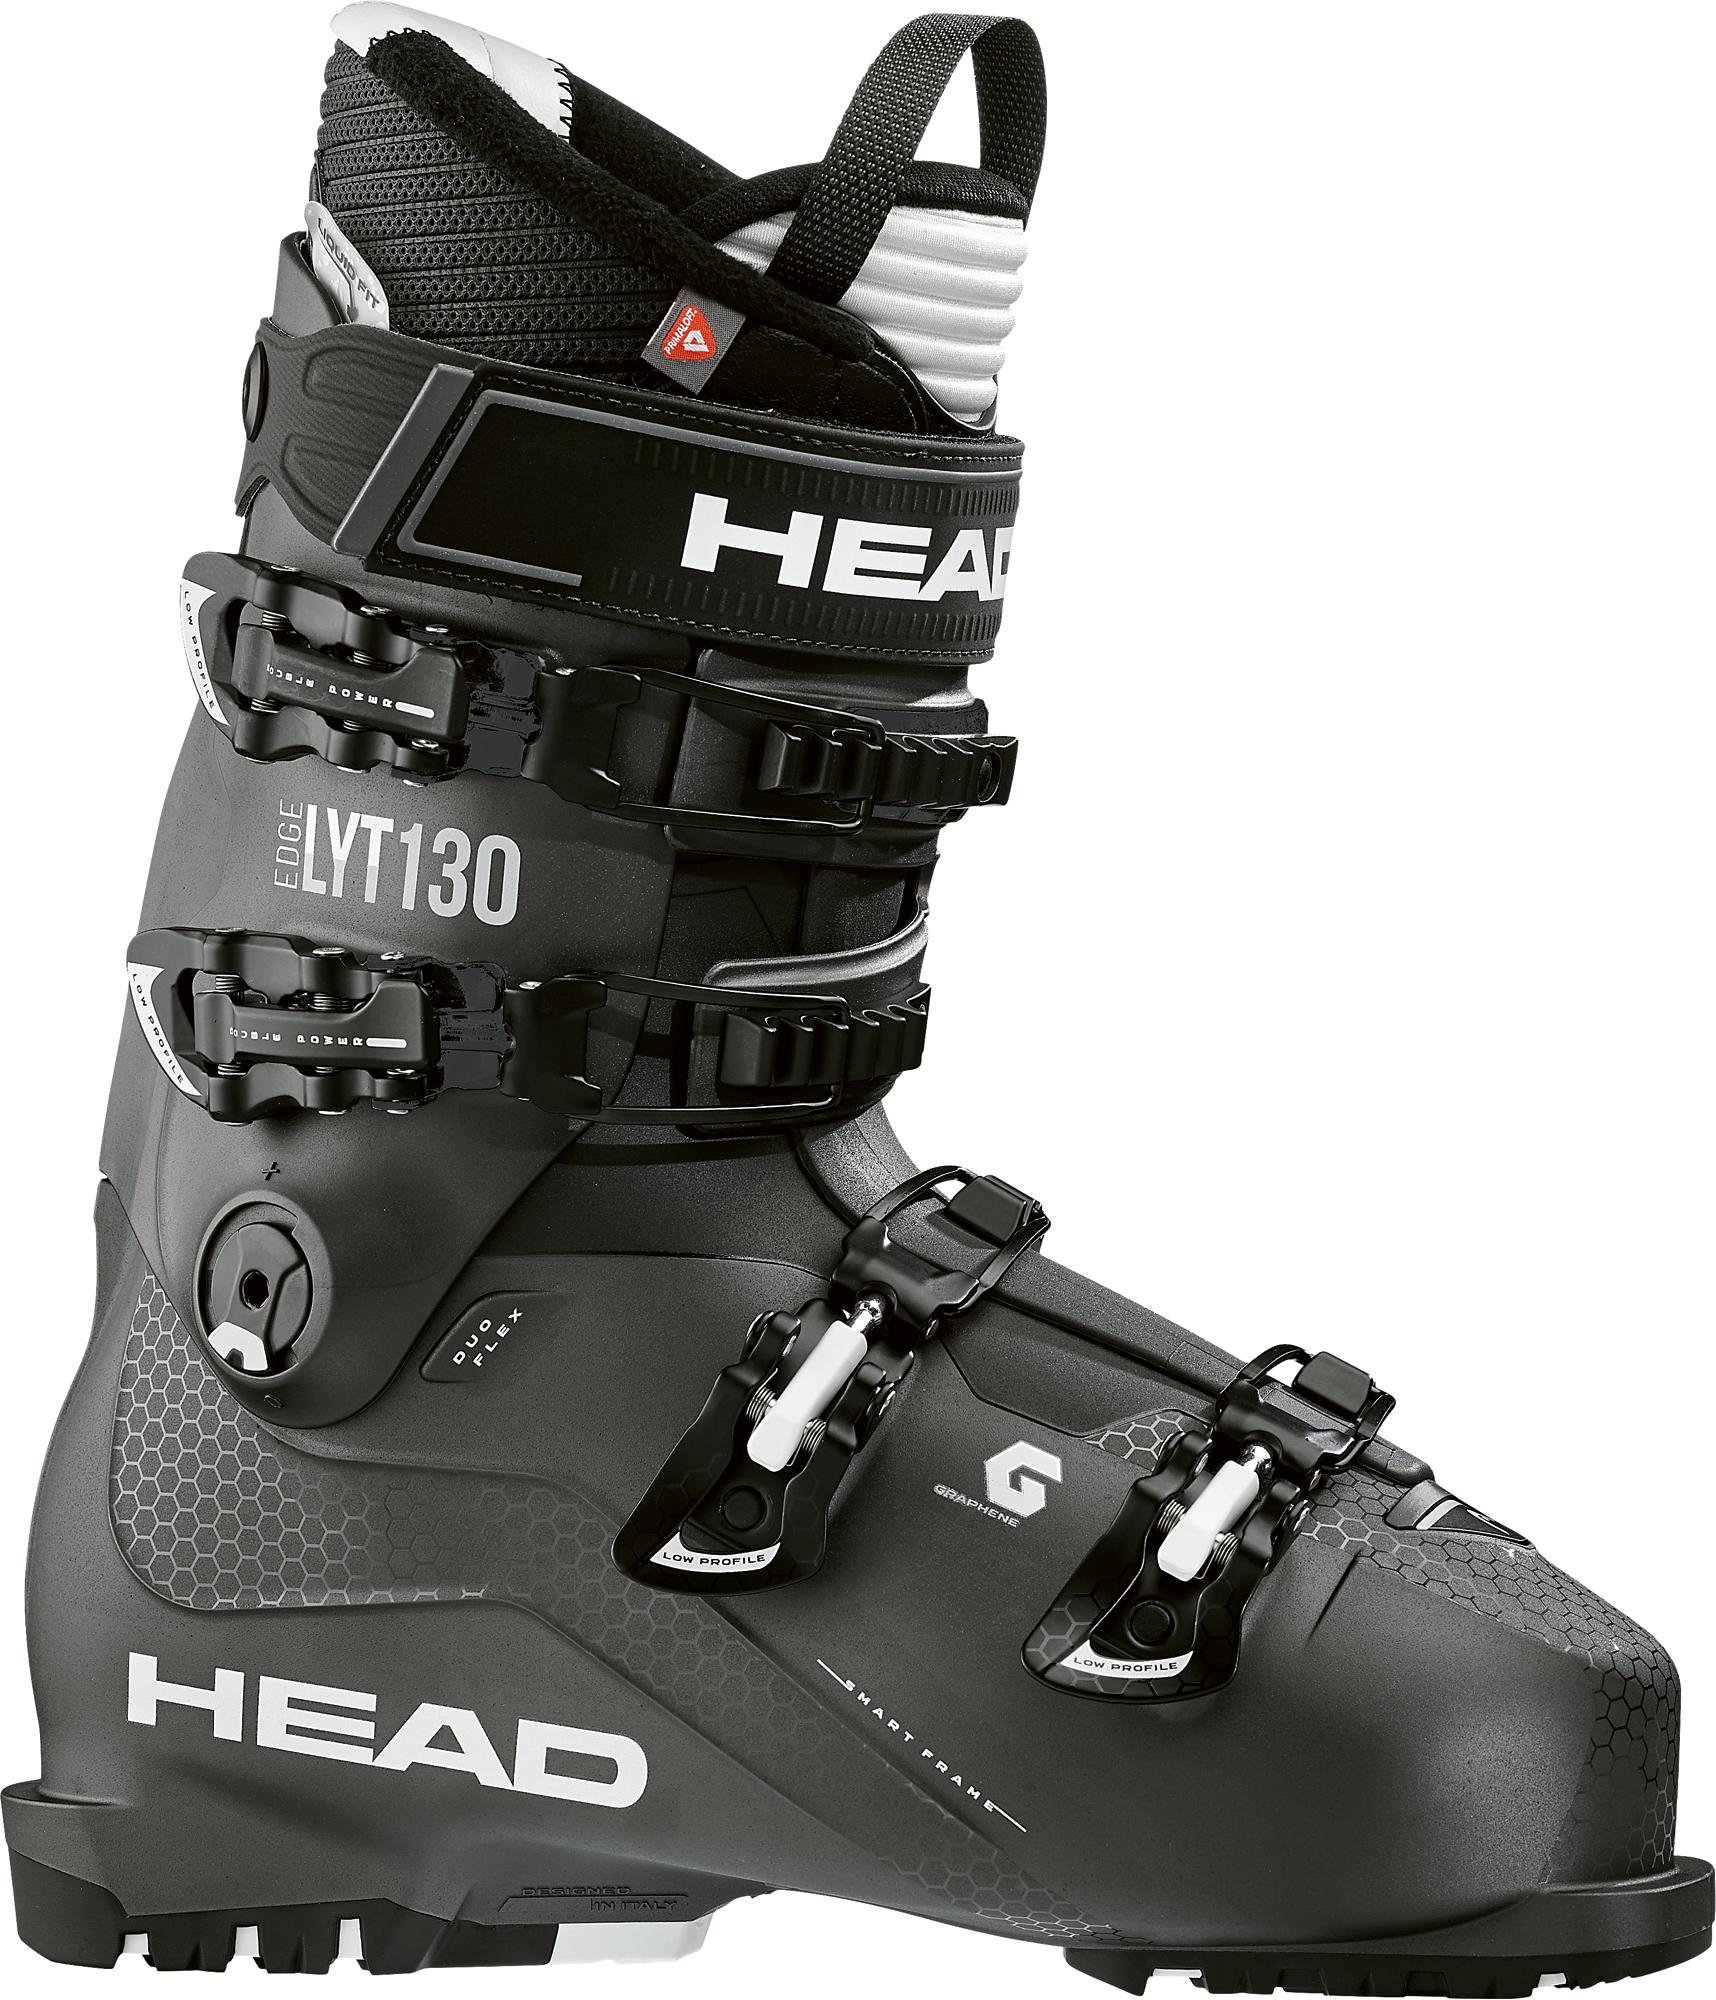 Head Ботинки горнолыжные EDGE LYT 130, размер 29,5 см